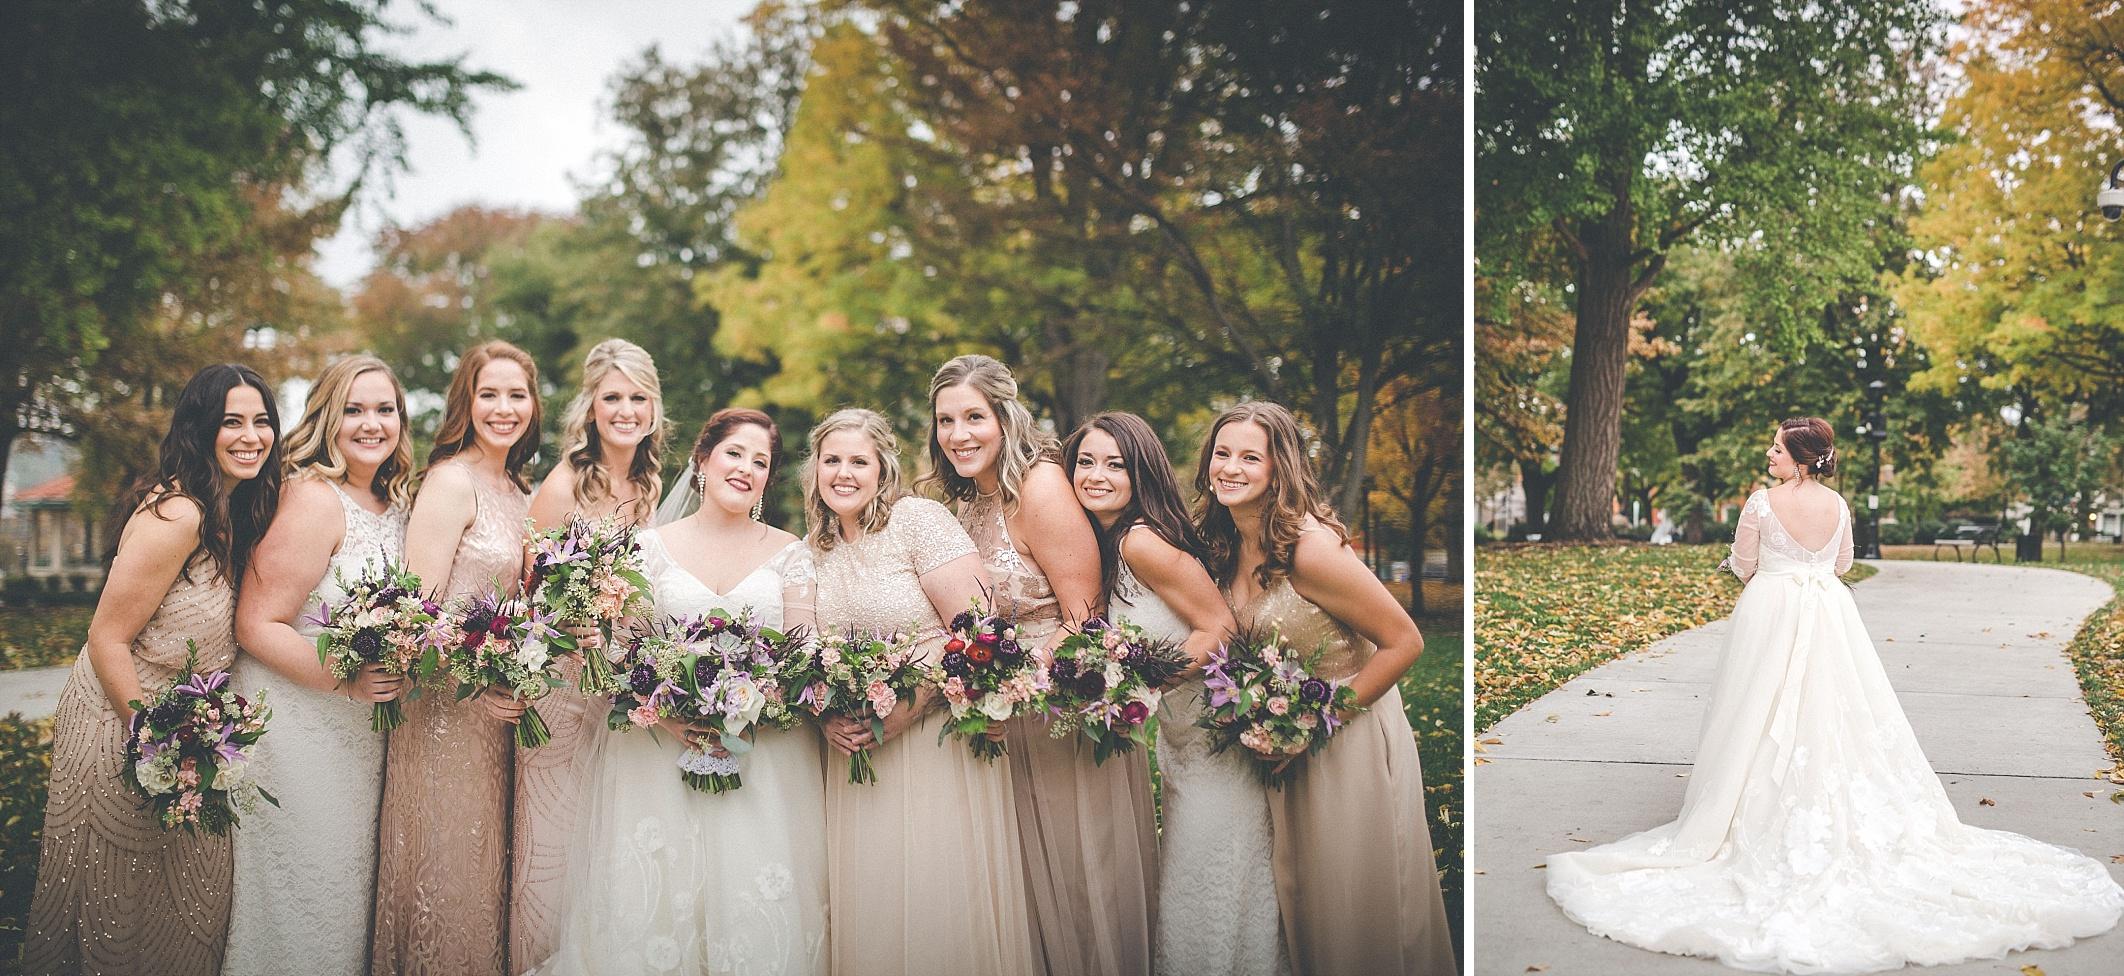 hilary-aaron-cincinnati-trancept-wedding-photographer-dayton-ohio_0012.jpg